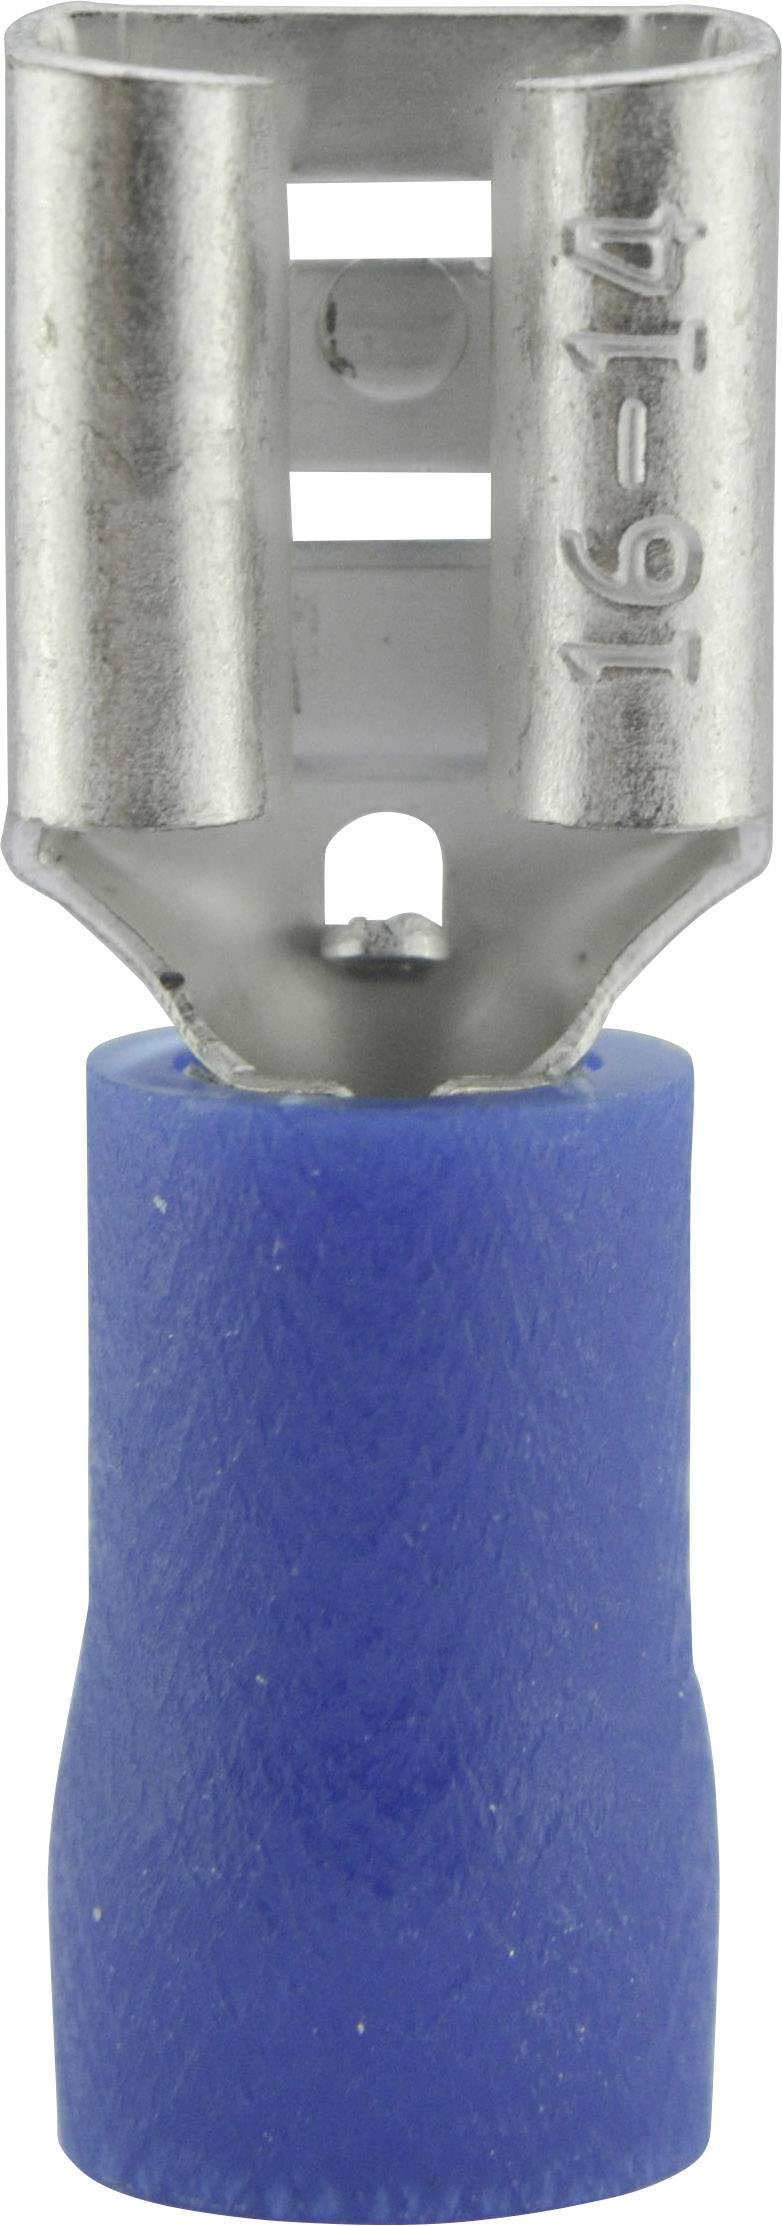 Faston zásuvka Vogt Verbindungstechnik 3906S 6.3 mm x 0.8 mm, 180 °, částečná izolace, modrá, 1 ks